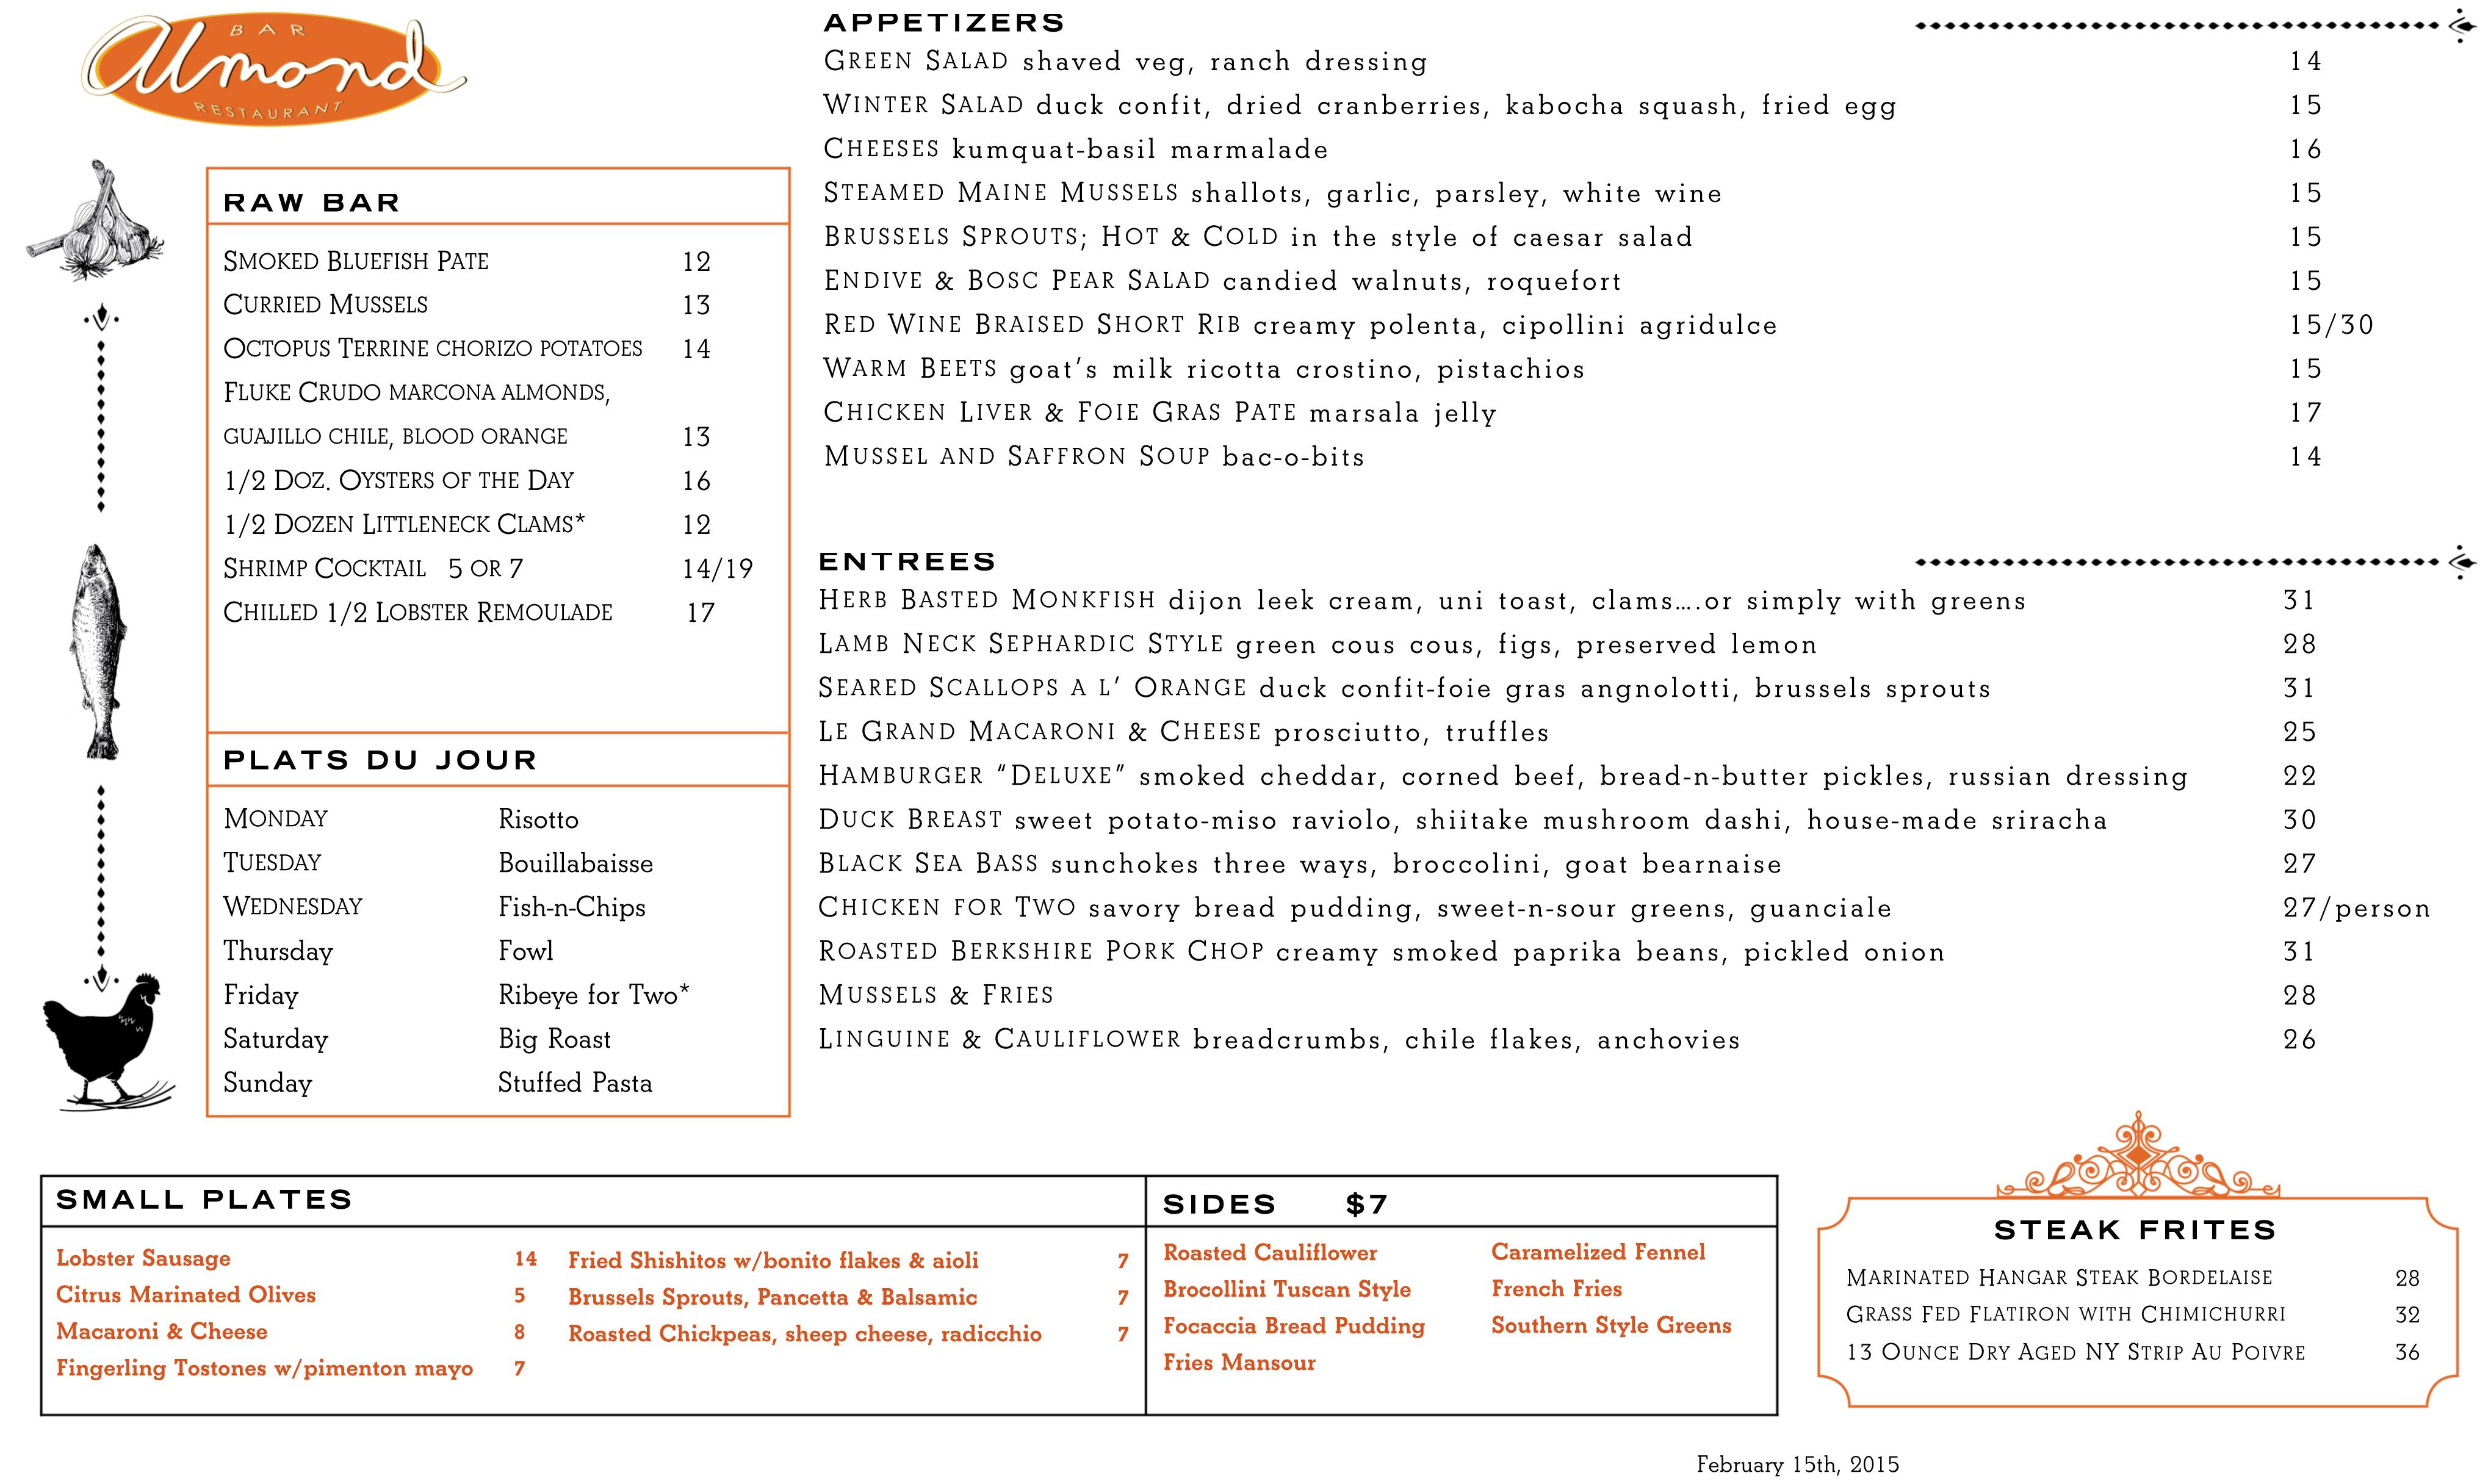 Microsoft Word - DinnerMenu.doc